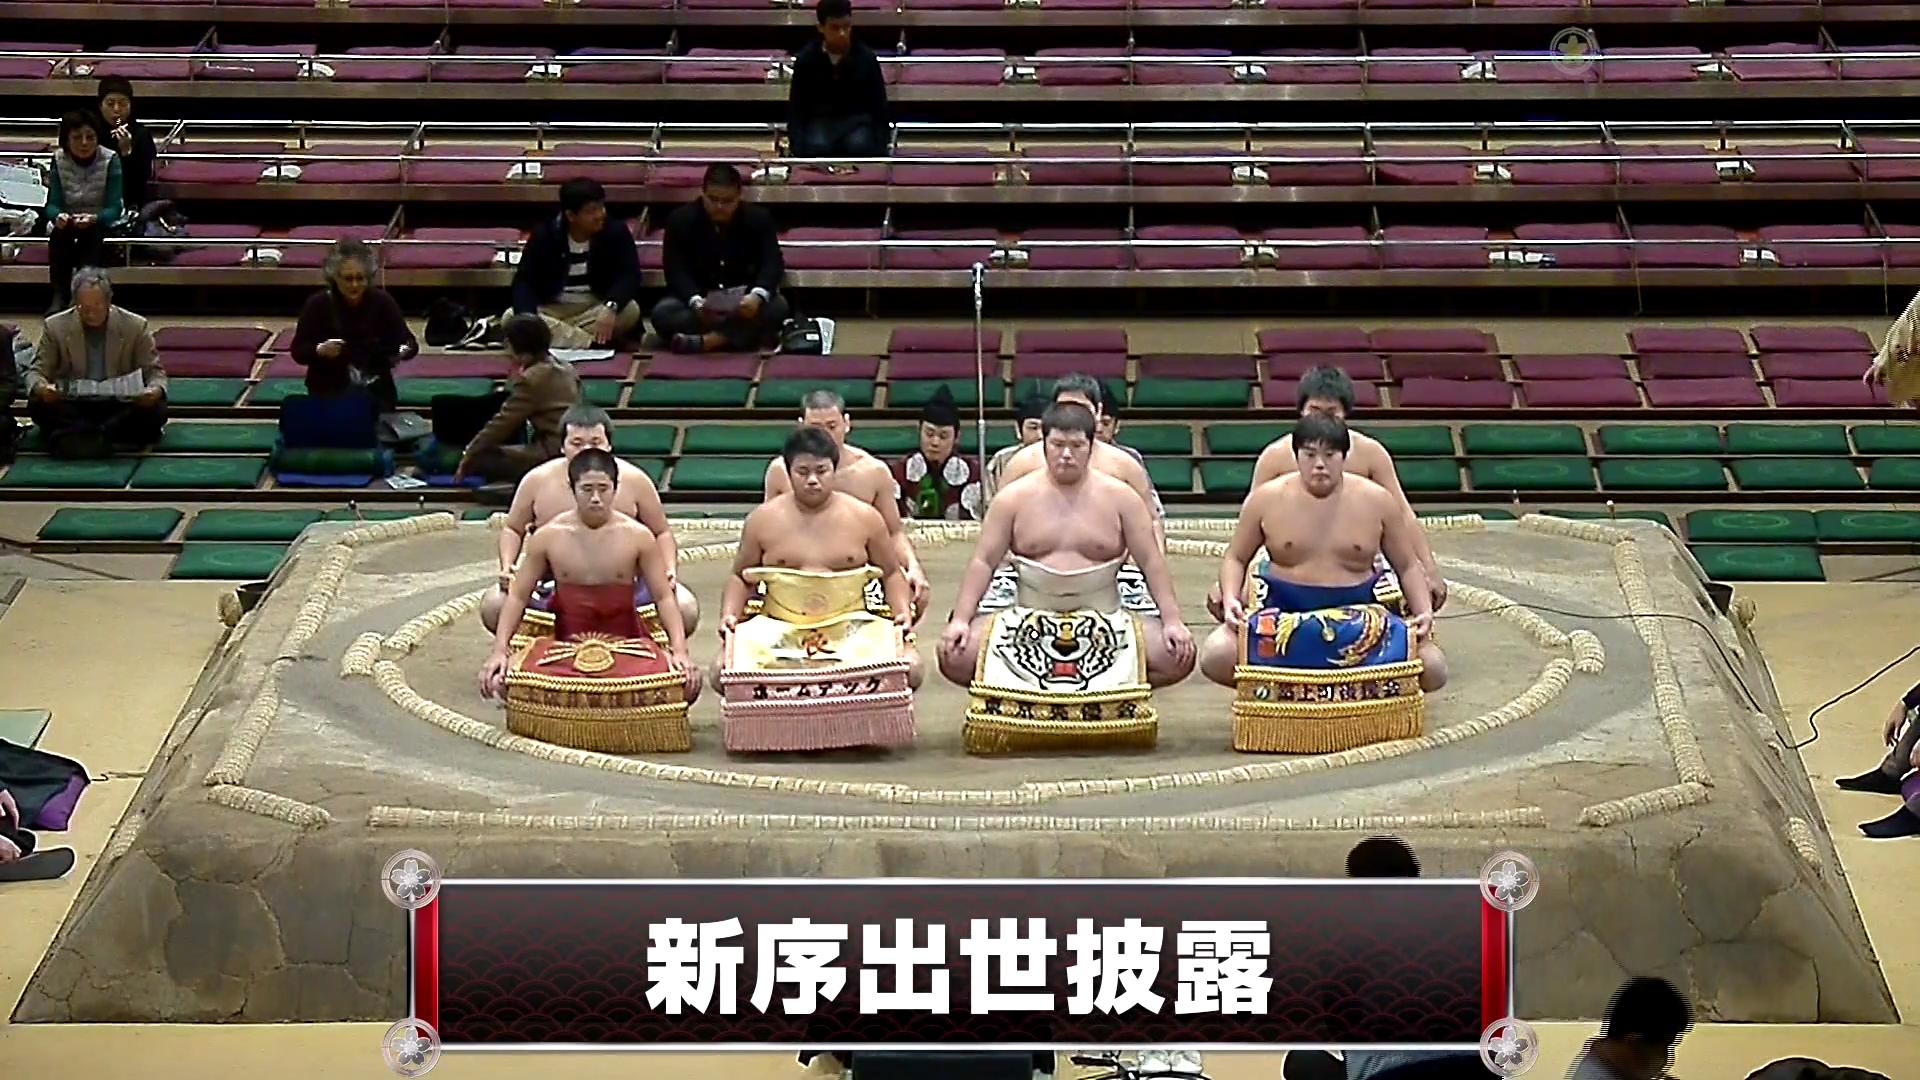 【動画】大相撲 1月場所 8日目 新序出世披露 - スポーツナビ「日本相撲協会」